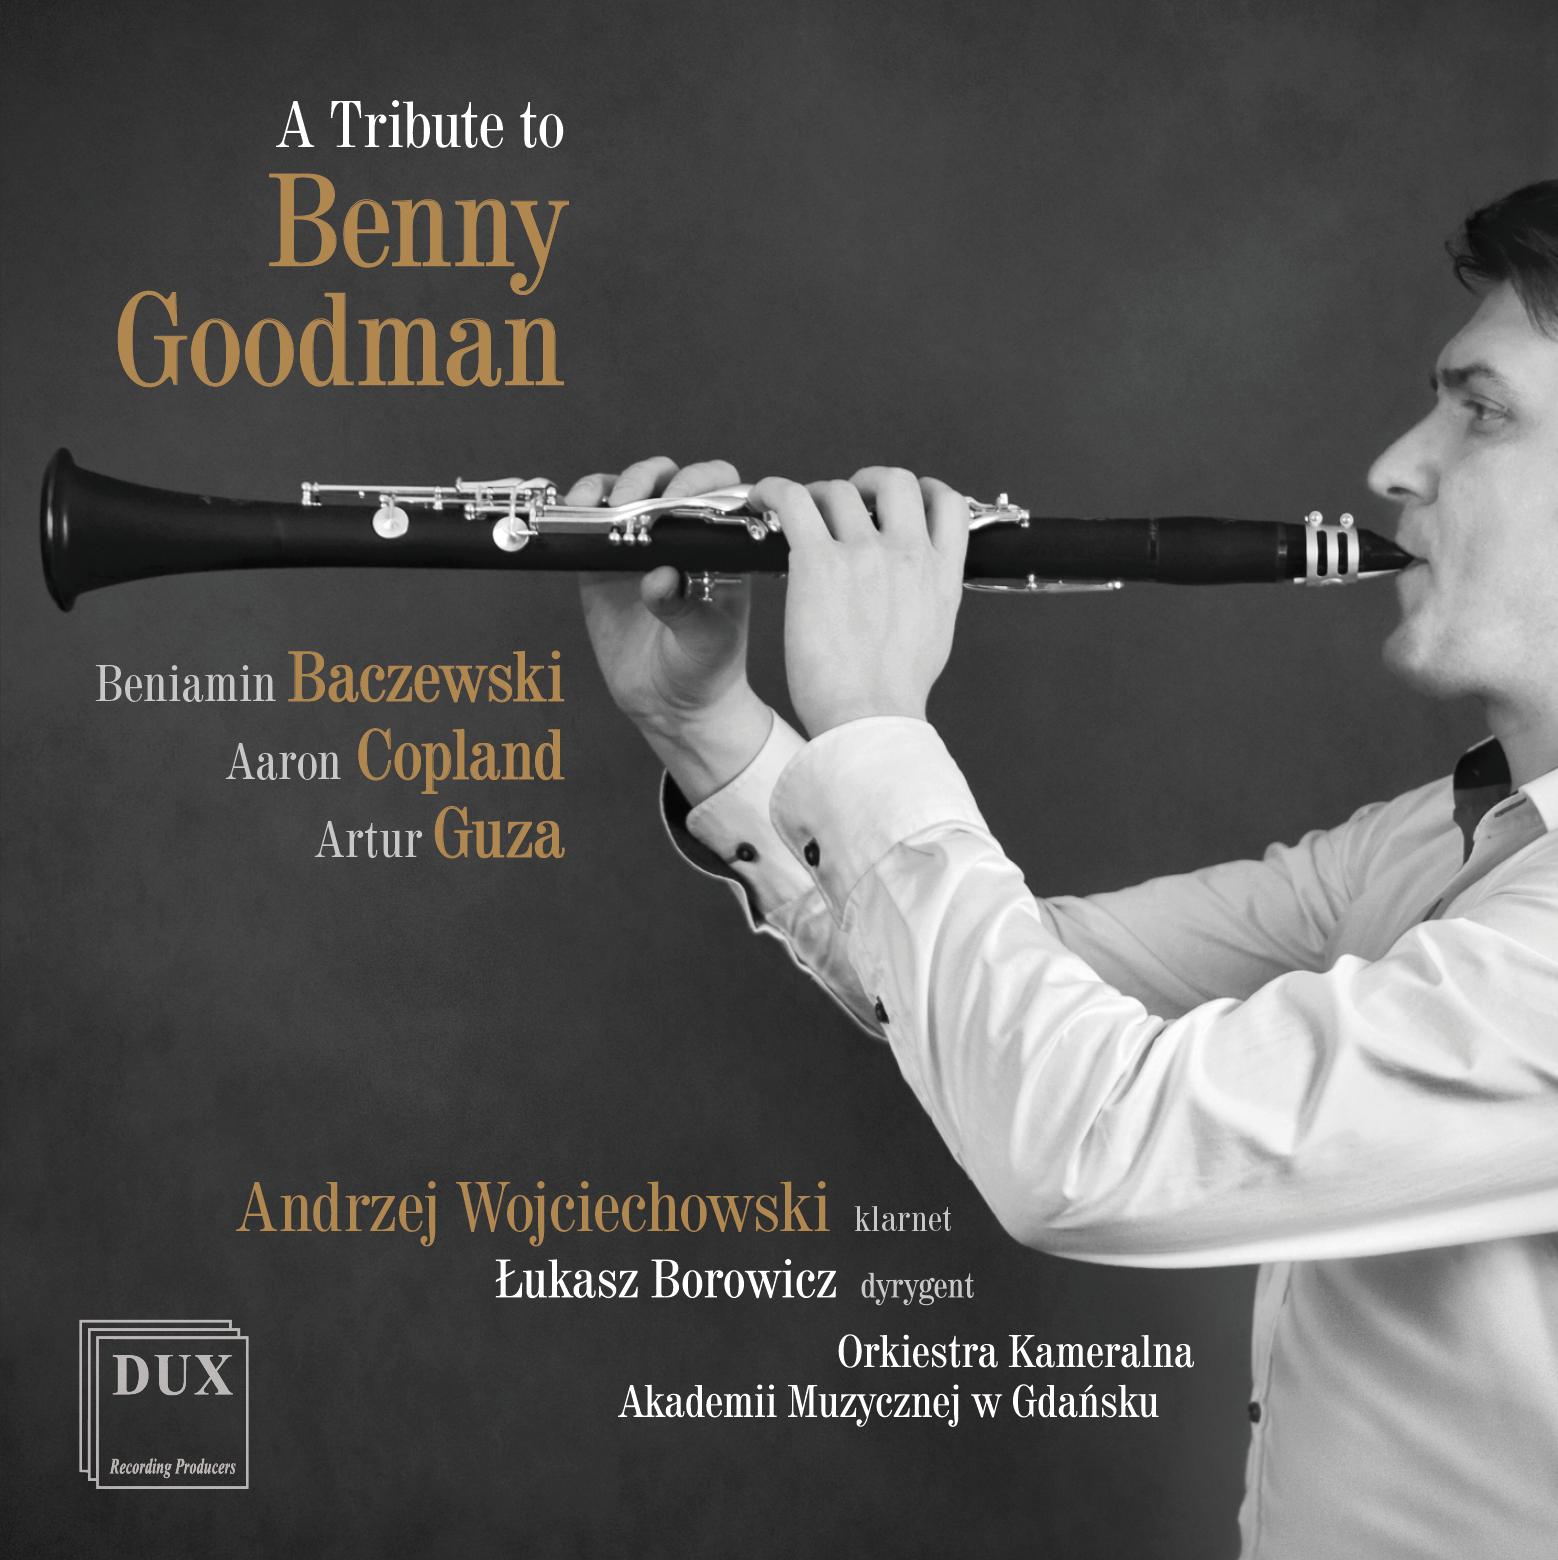 Tribute_to_Benny_Goodman_CD_Wojciechowski